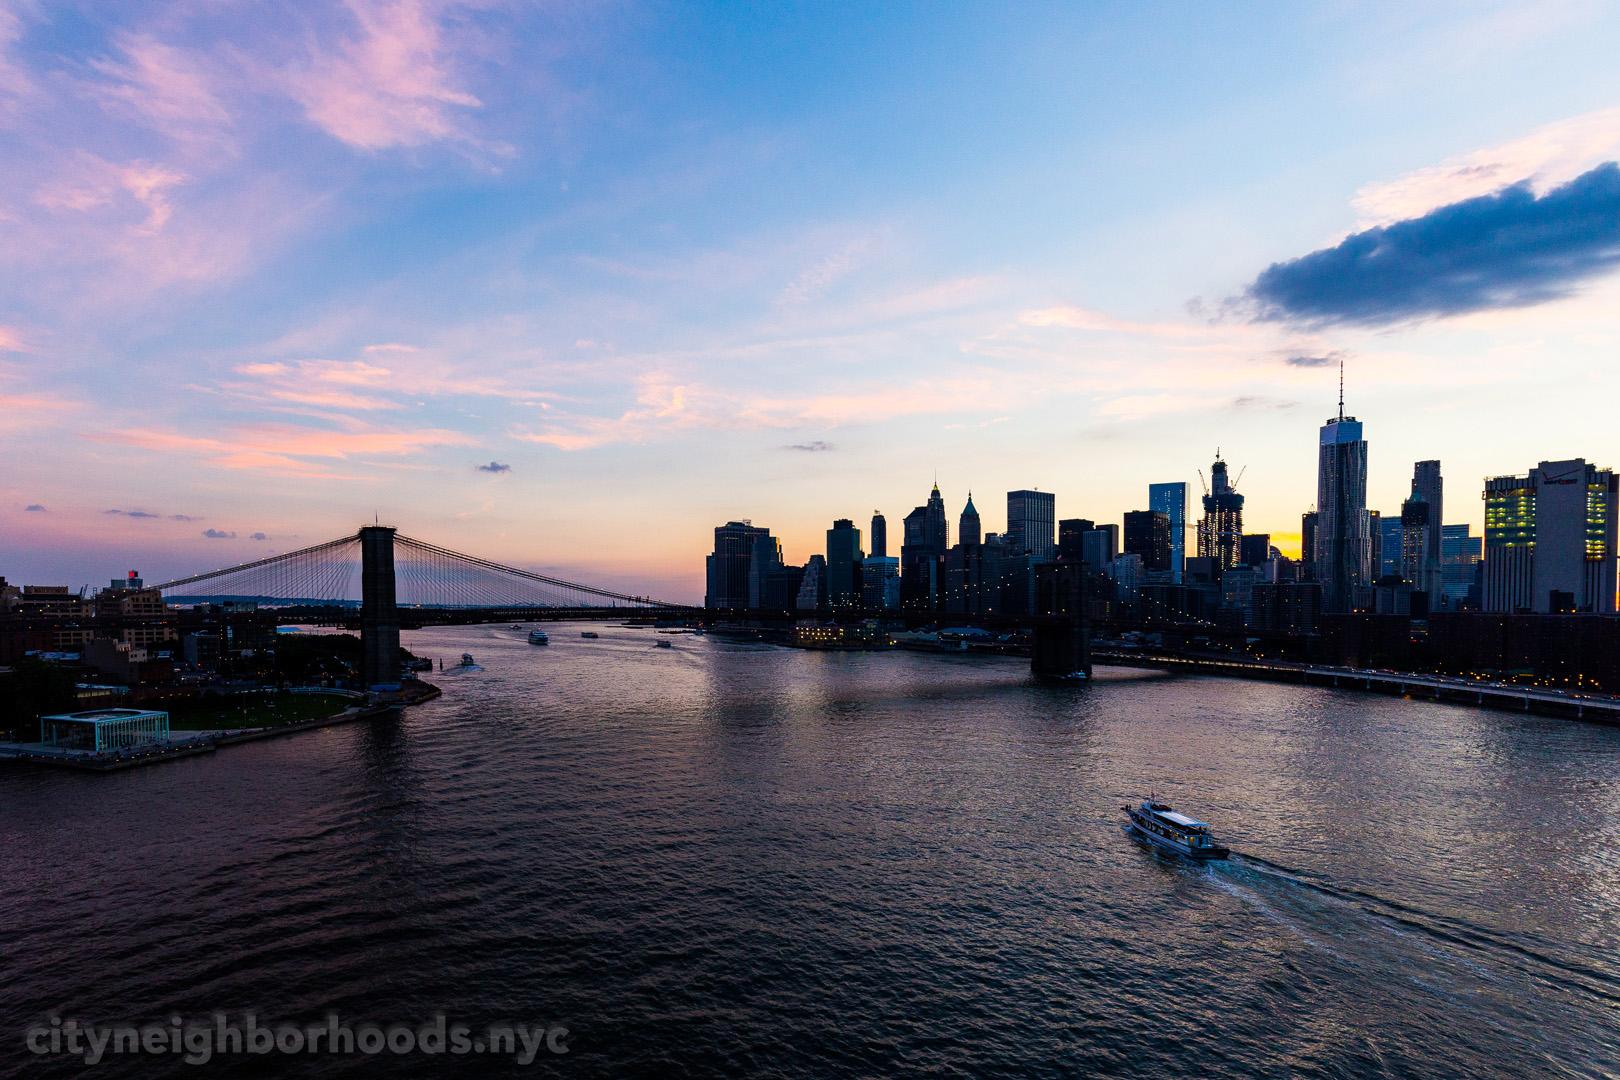 Brooklyn - Brooklyn Bridge - East River - Lower Manhattan - NYC